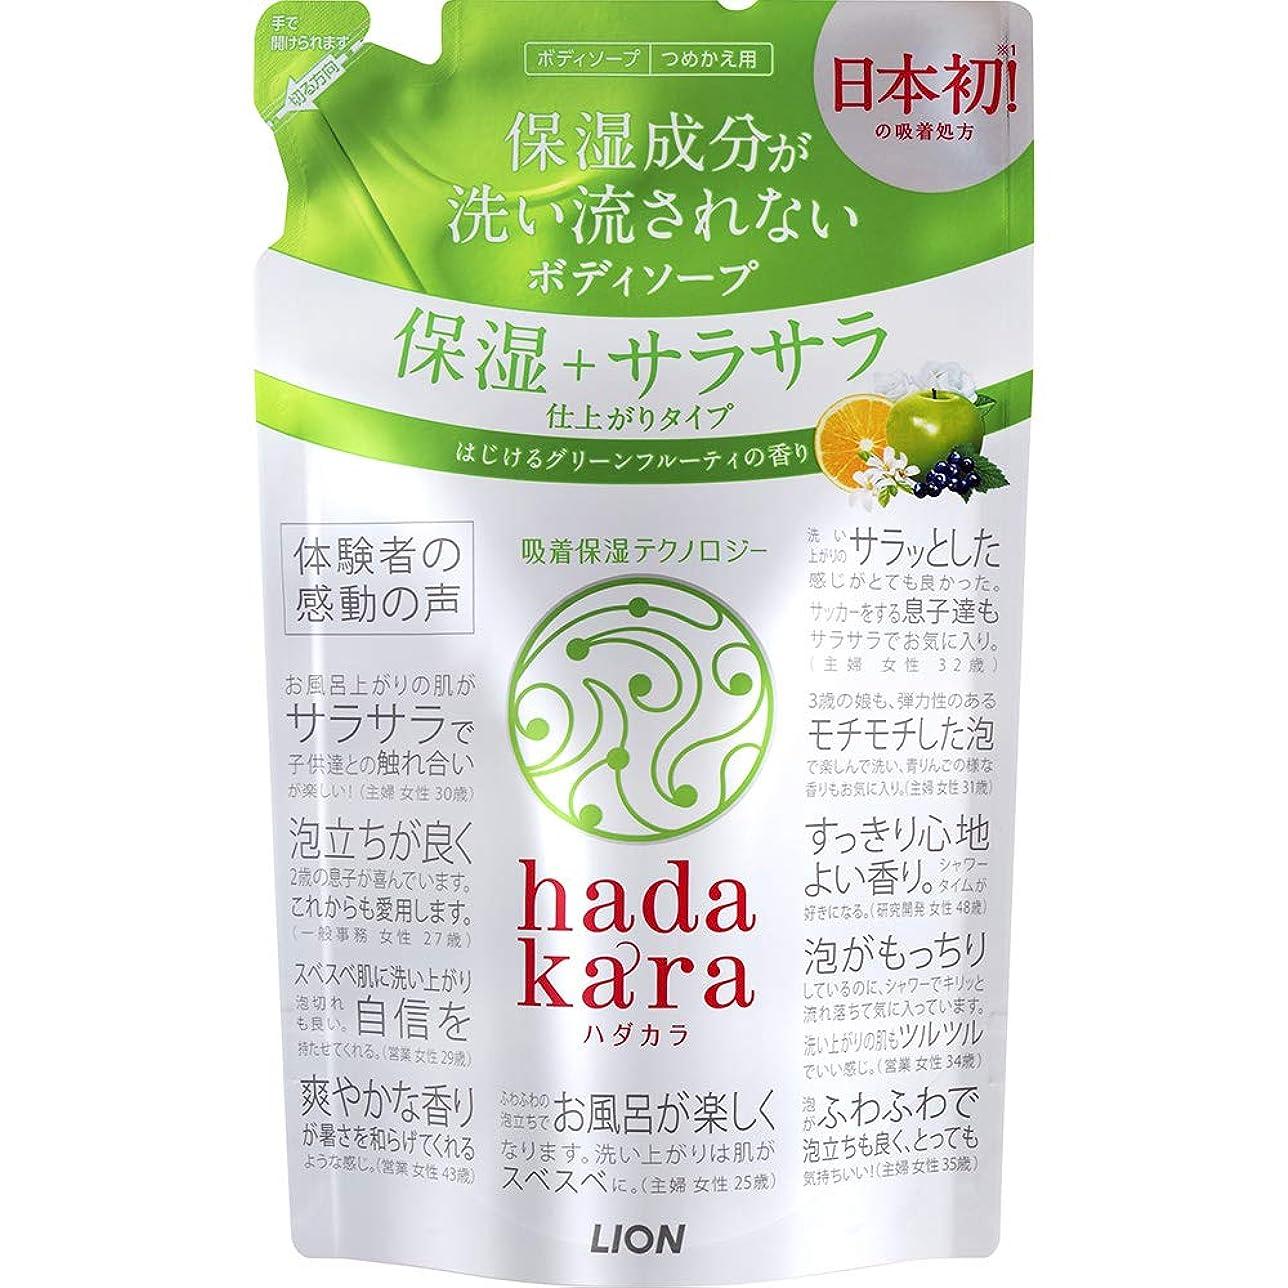 スマイル征服強いhadakara(ハダカラ) ボディソープ 保湿+サラサラ仕上がりタイプ グリーンフルーティの香り 詰め替え 340ml